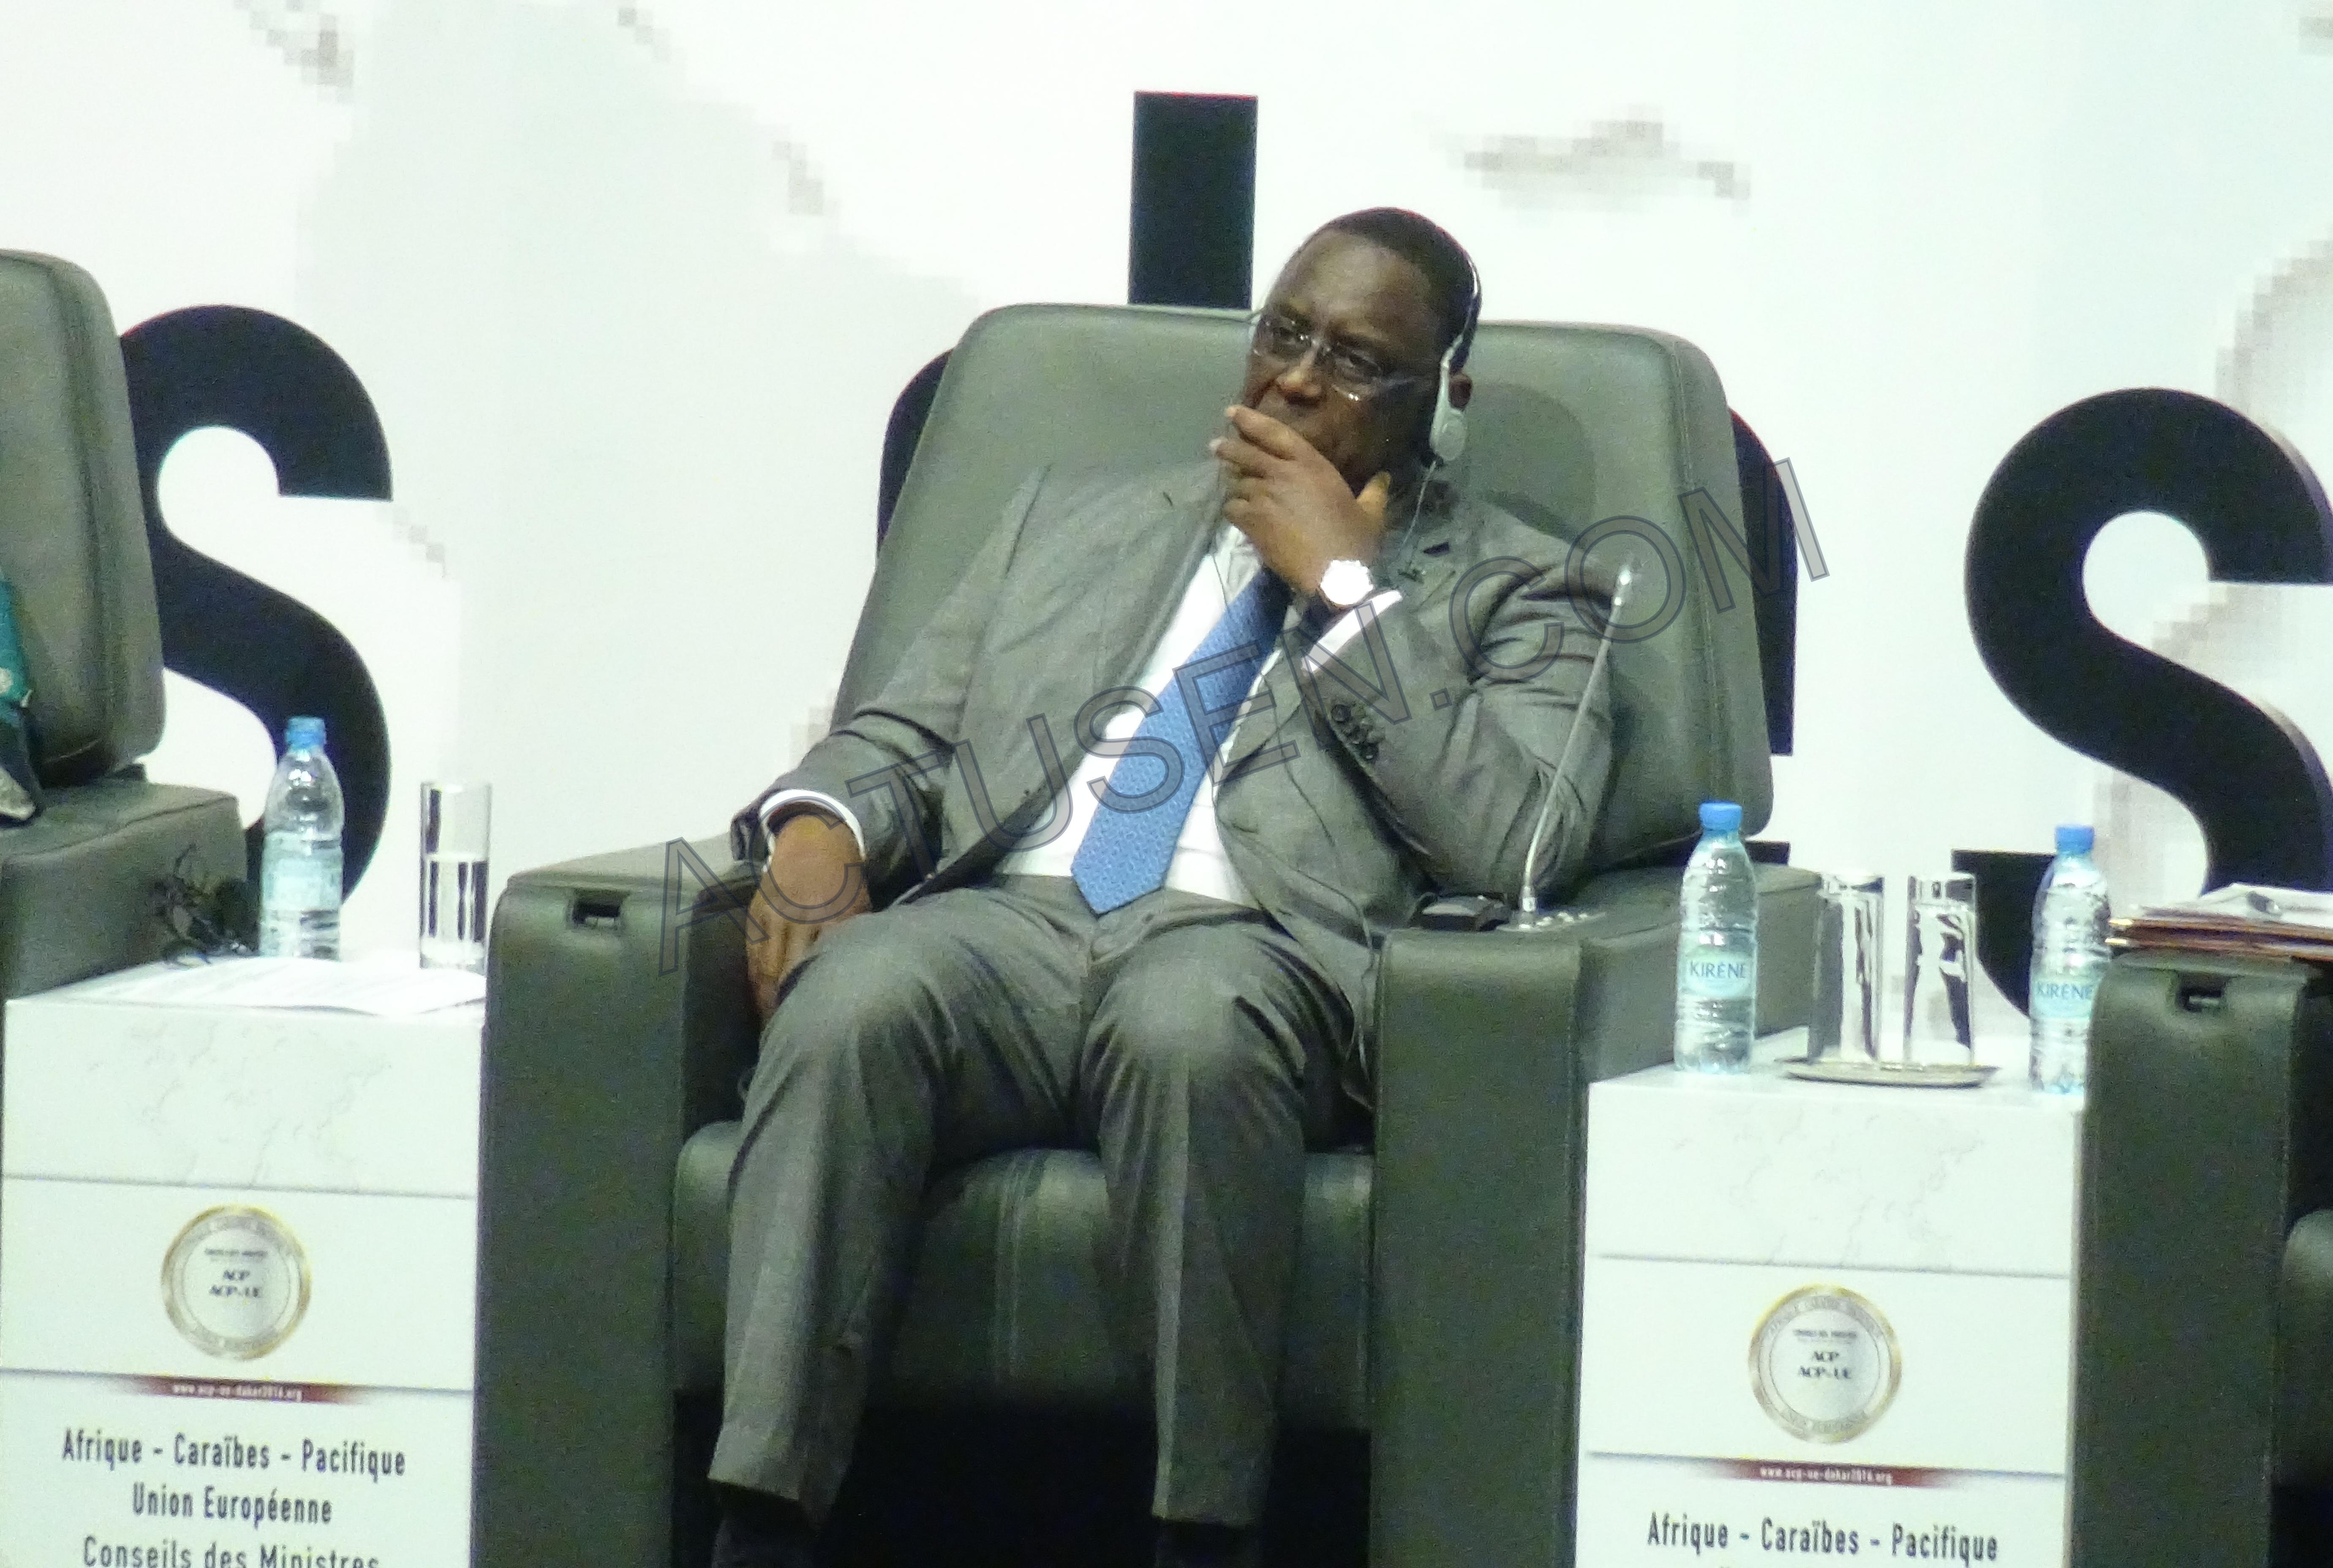 Son homologue Abdel Aziz tire sur ses pêcheurs : le Président Macky Sall s'apprête à poser ces actes forts